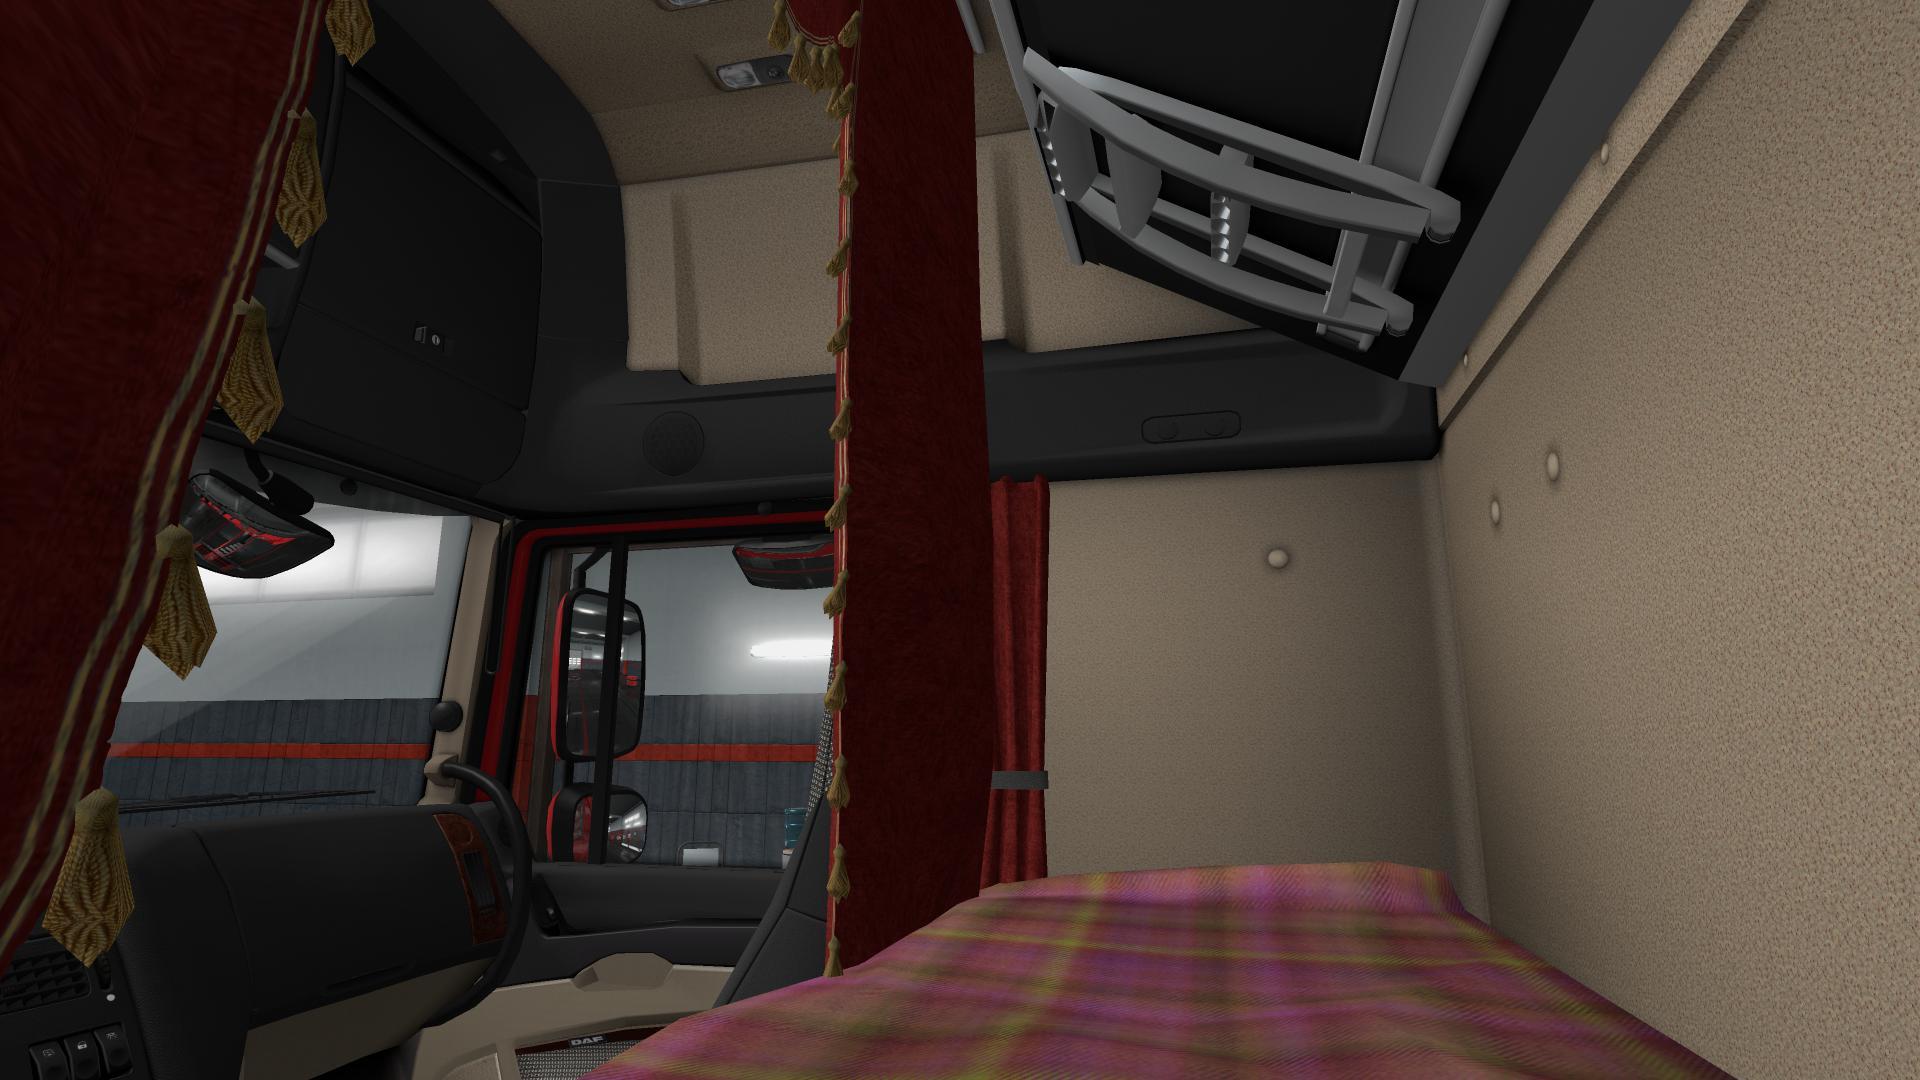 ETS2 - Daf Xf 105 Truck V6.2 (1.36.x)